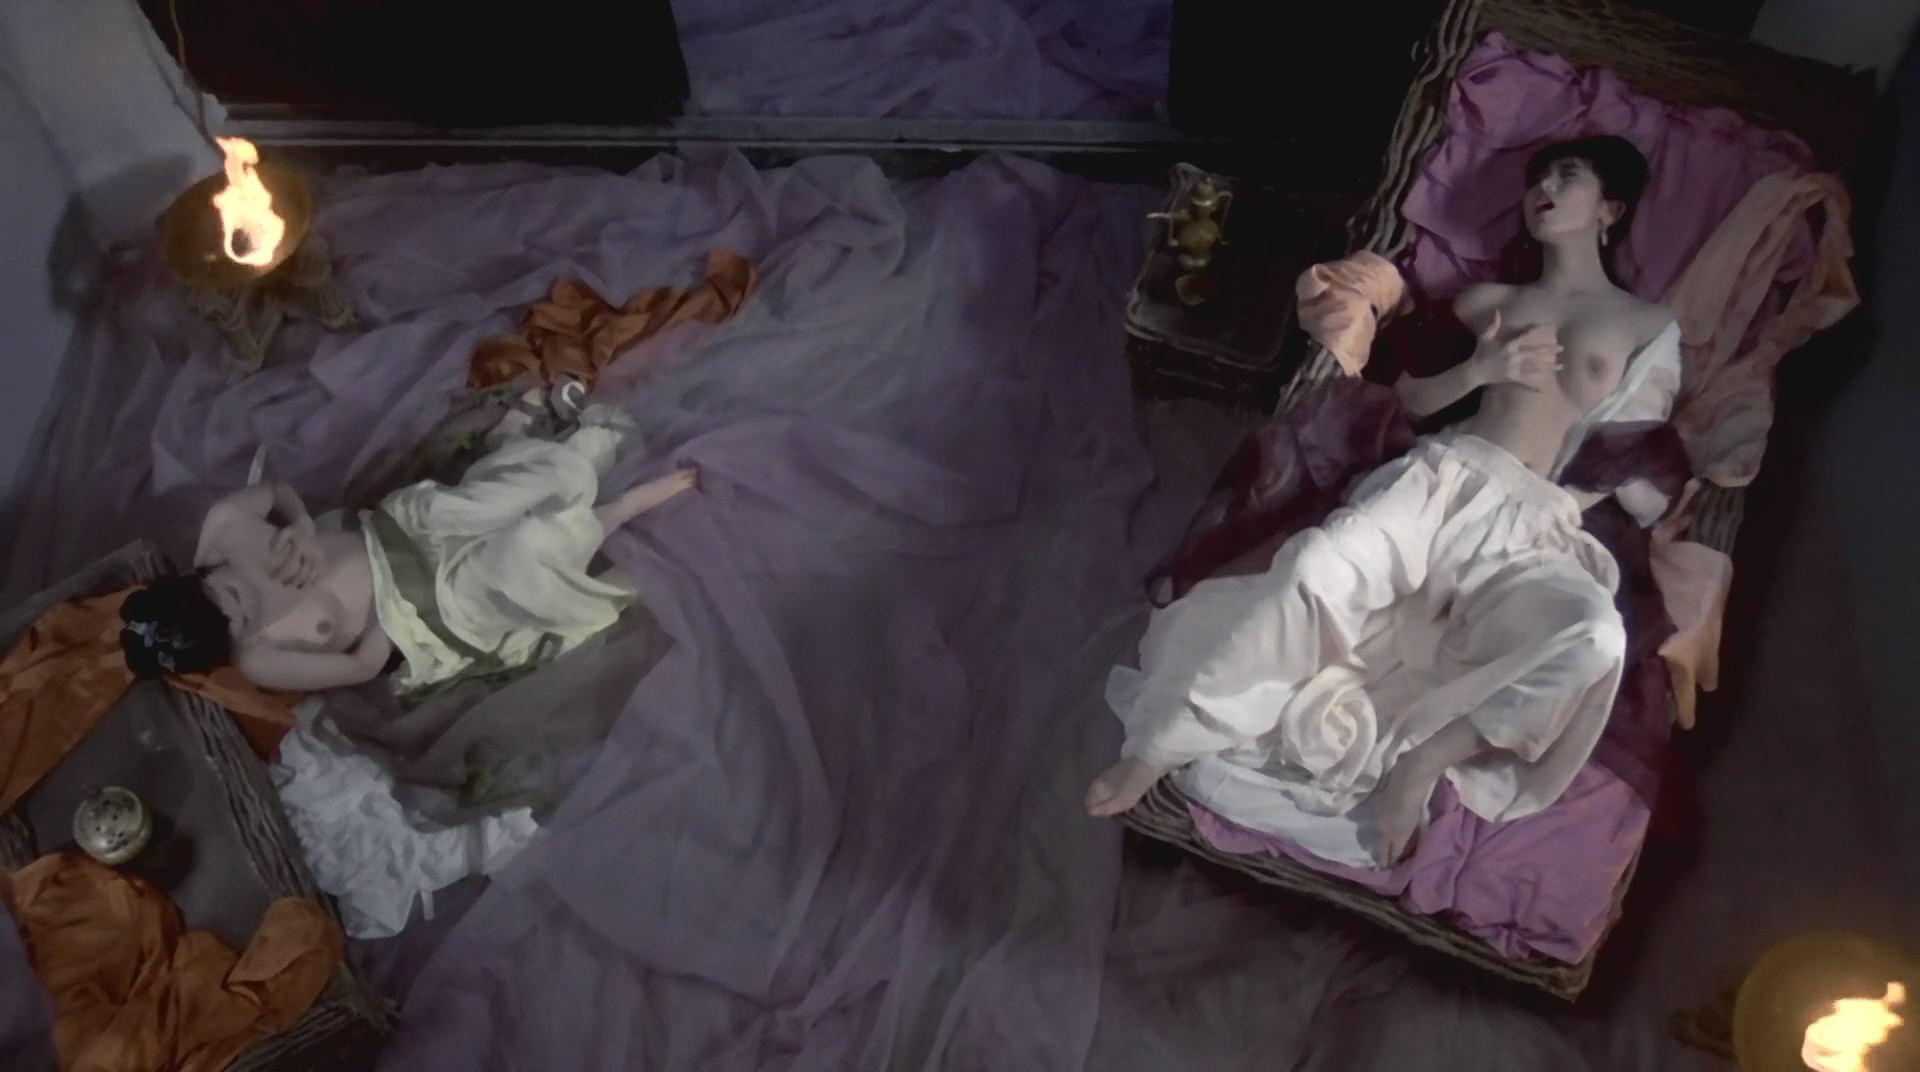 经典神作莲女神颜值身材巅峰看的口水哗哗流《聊斋三之灯草和尚1992.高清修复字幕版》肉欲旺盛 公共场所露出-第14张